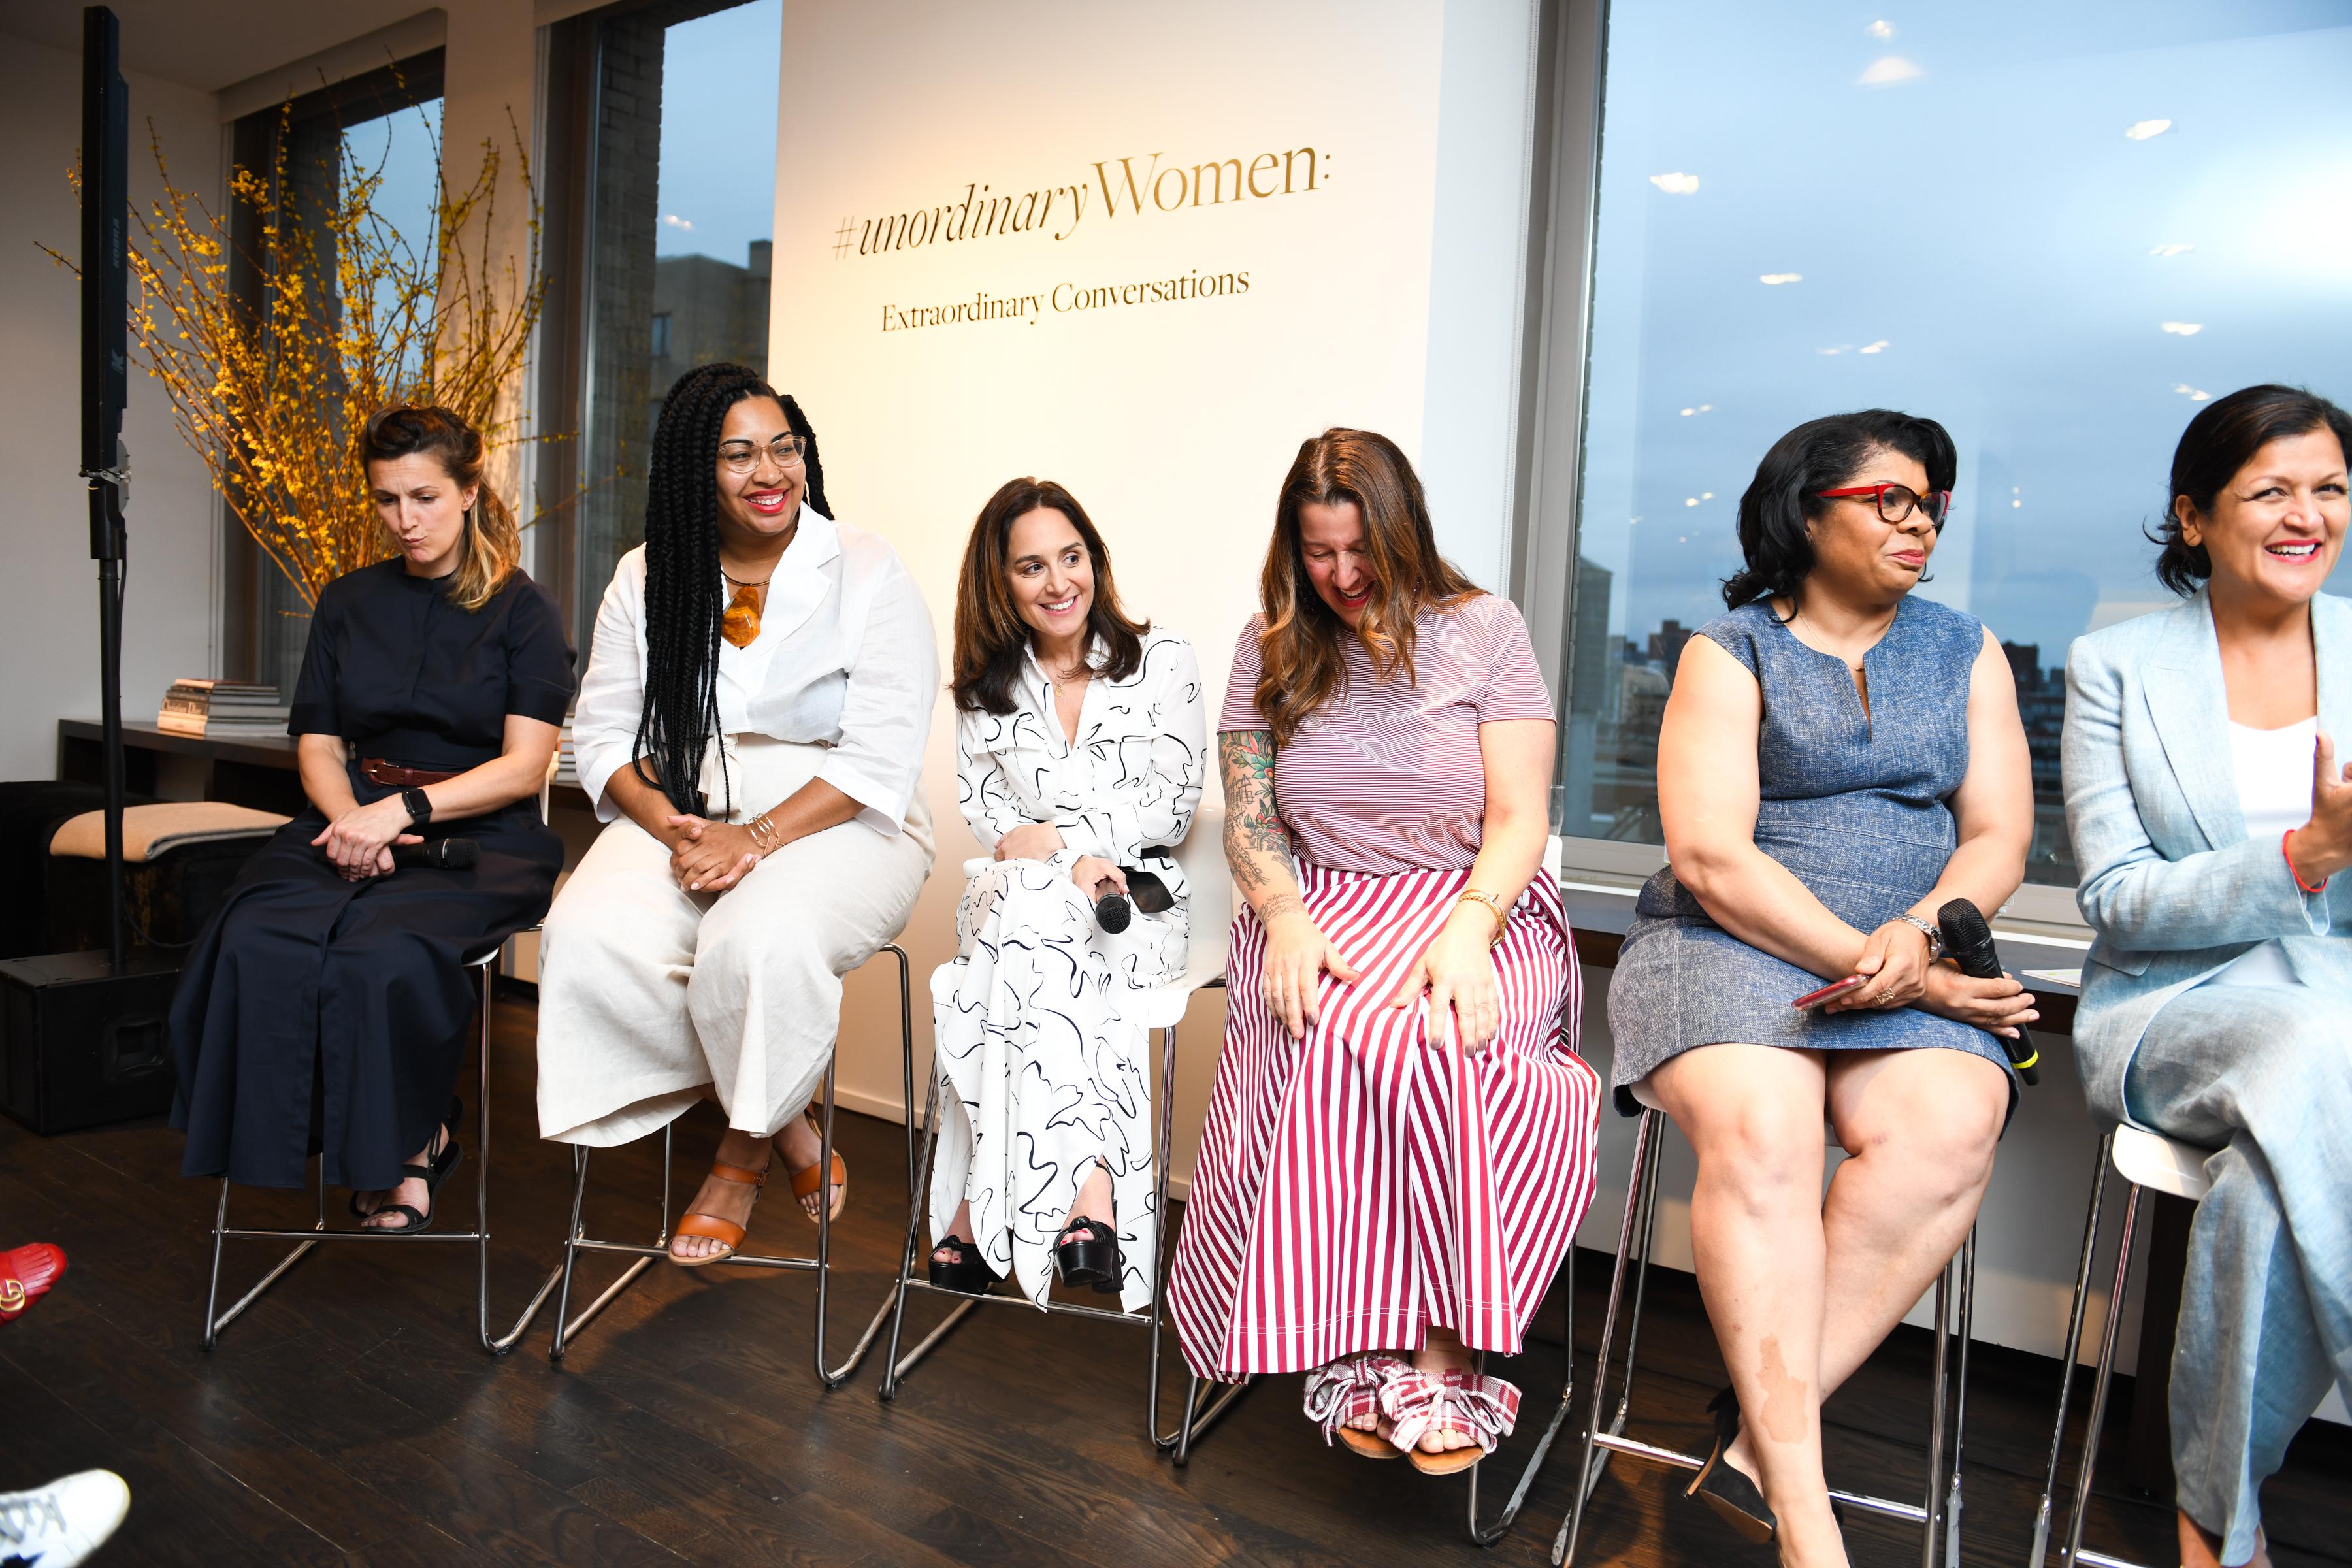 Anjali Kumar, Catherine Levene, Marie Aude-Rose, Rachel Cargle, Lauri Freedman, April Ryan